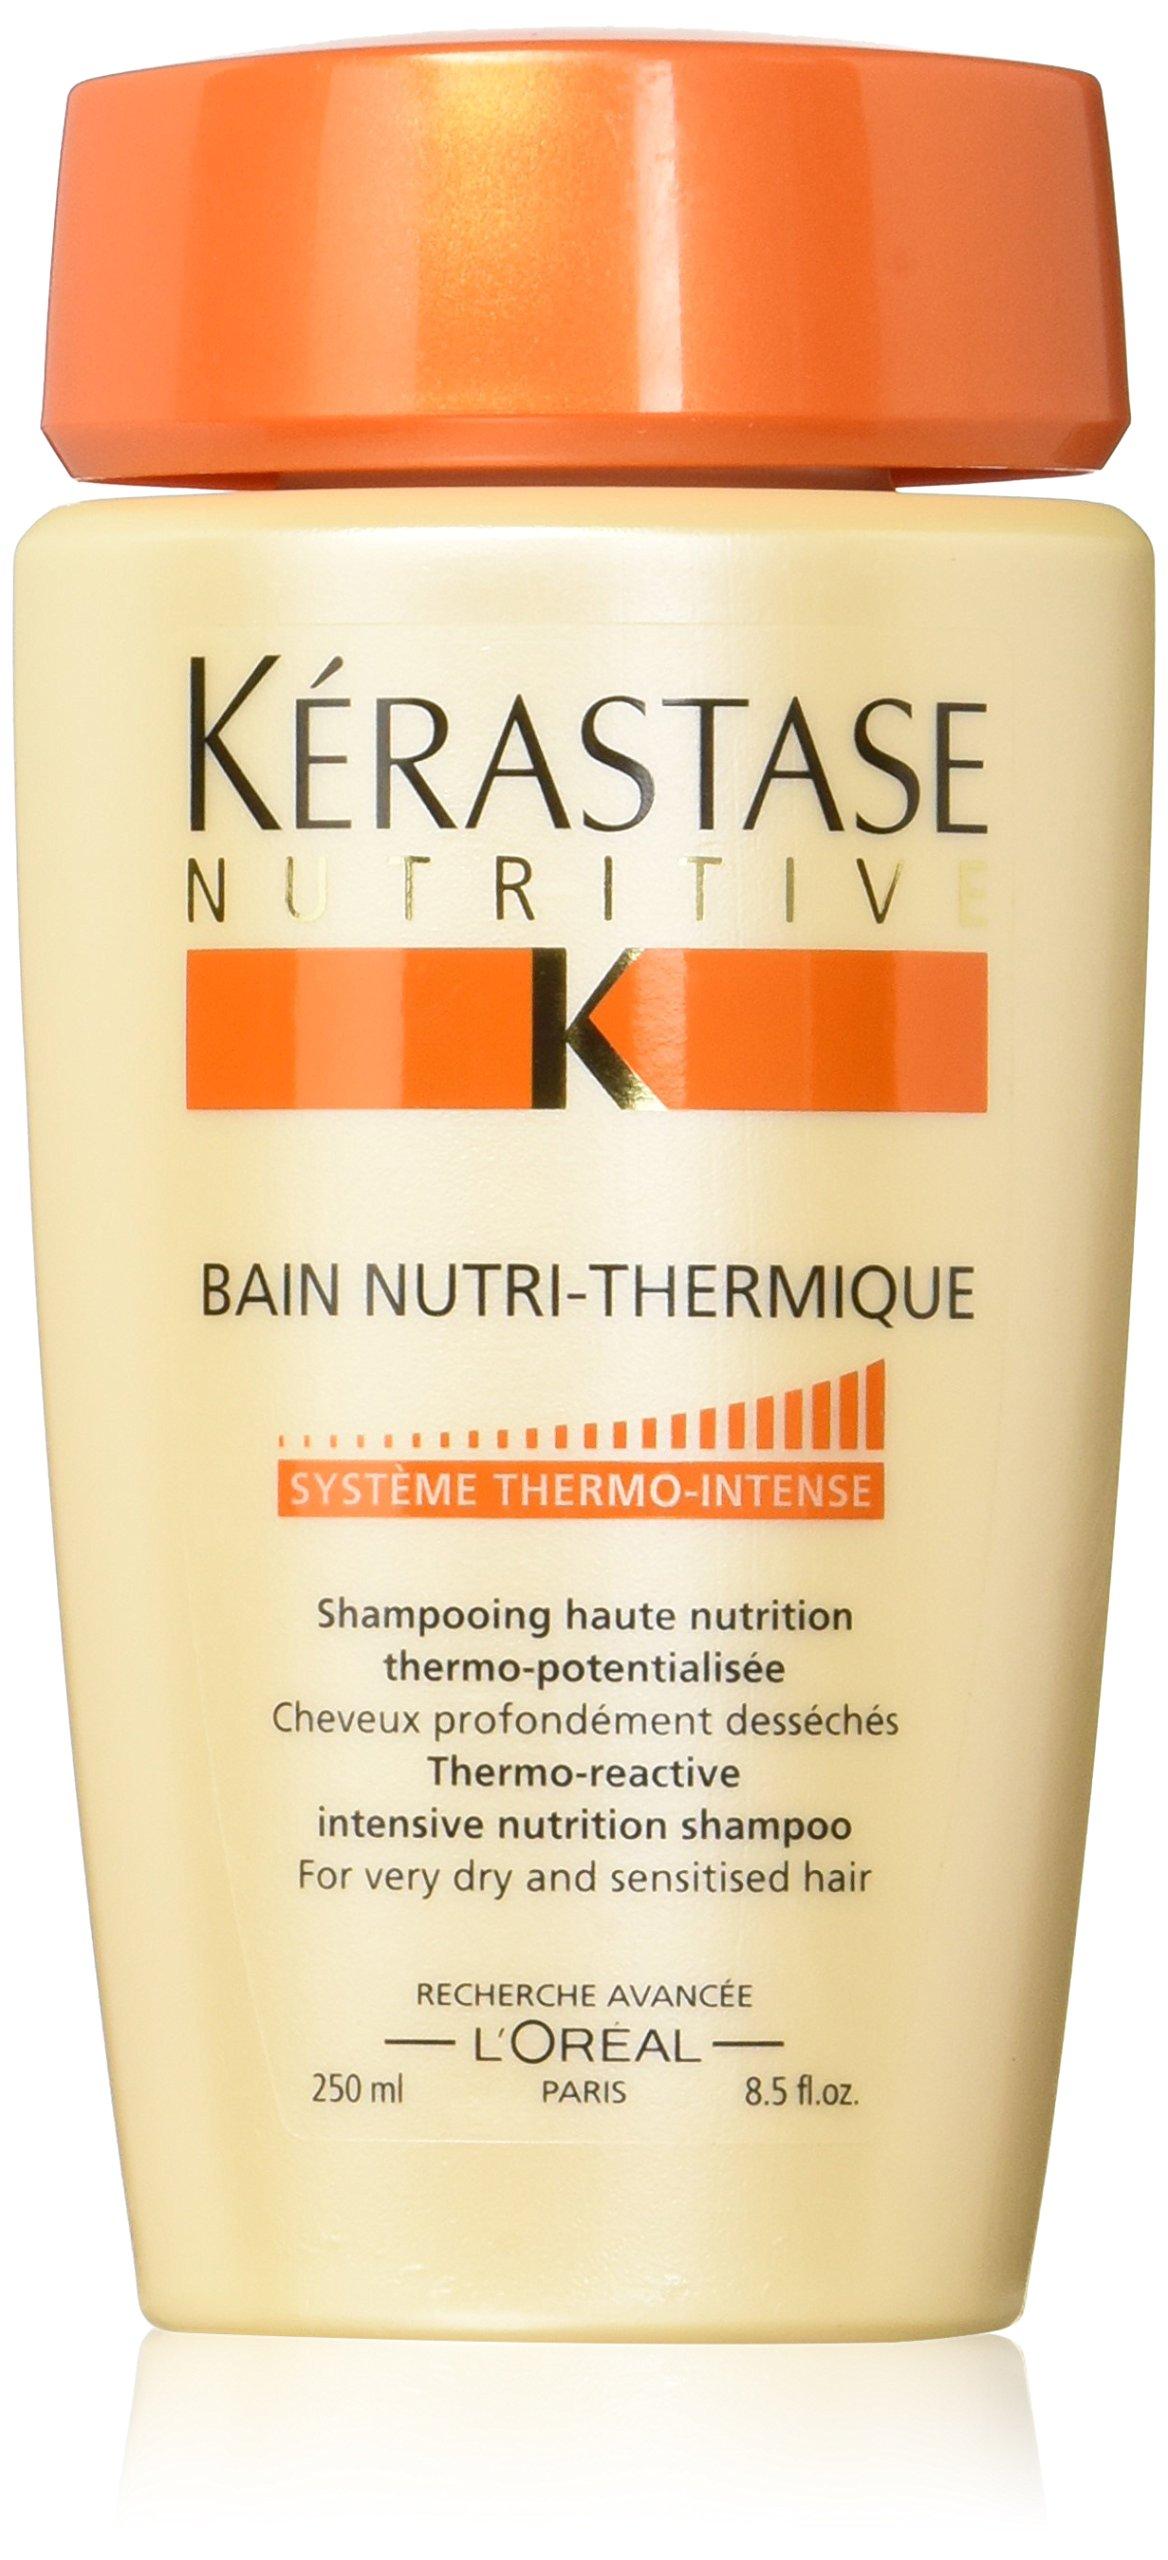 Kérastase Nutritive Bain Nutri-Thermique, Trattamento Intensivo per Capelli Molto Secchi, 250 ml